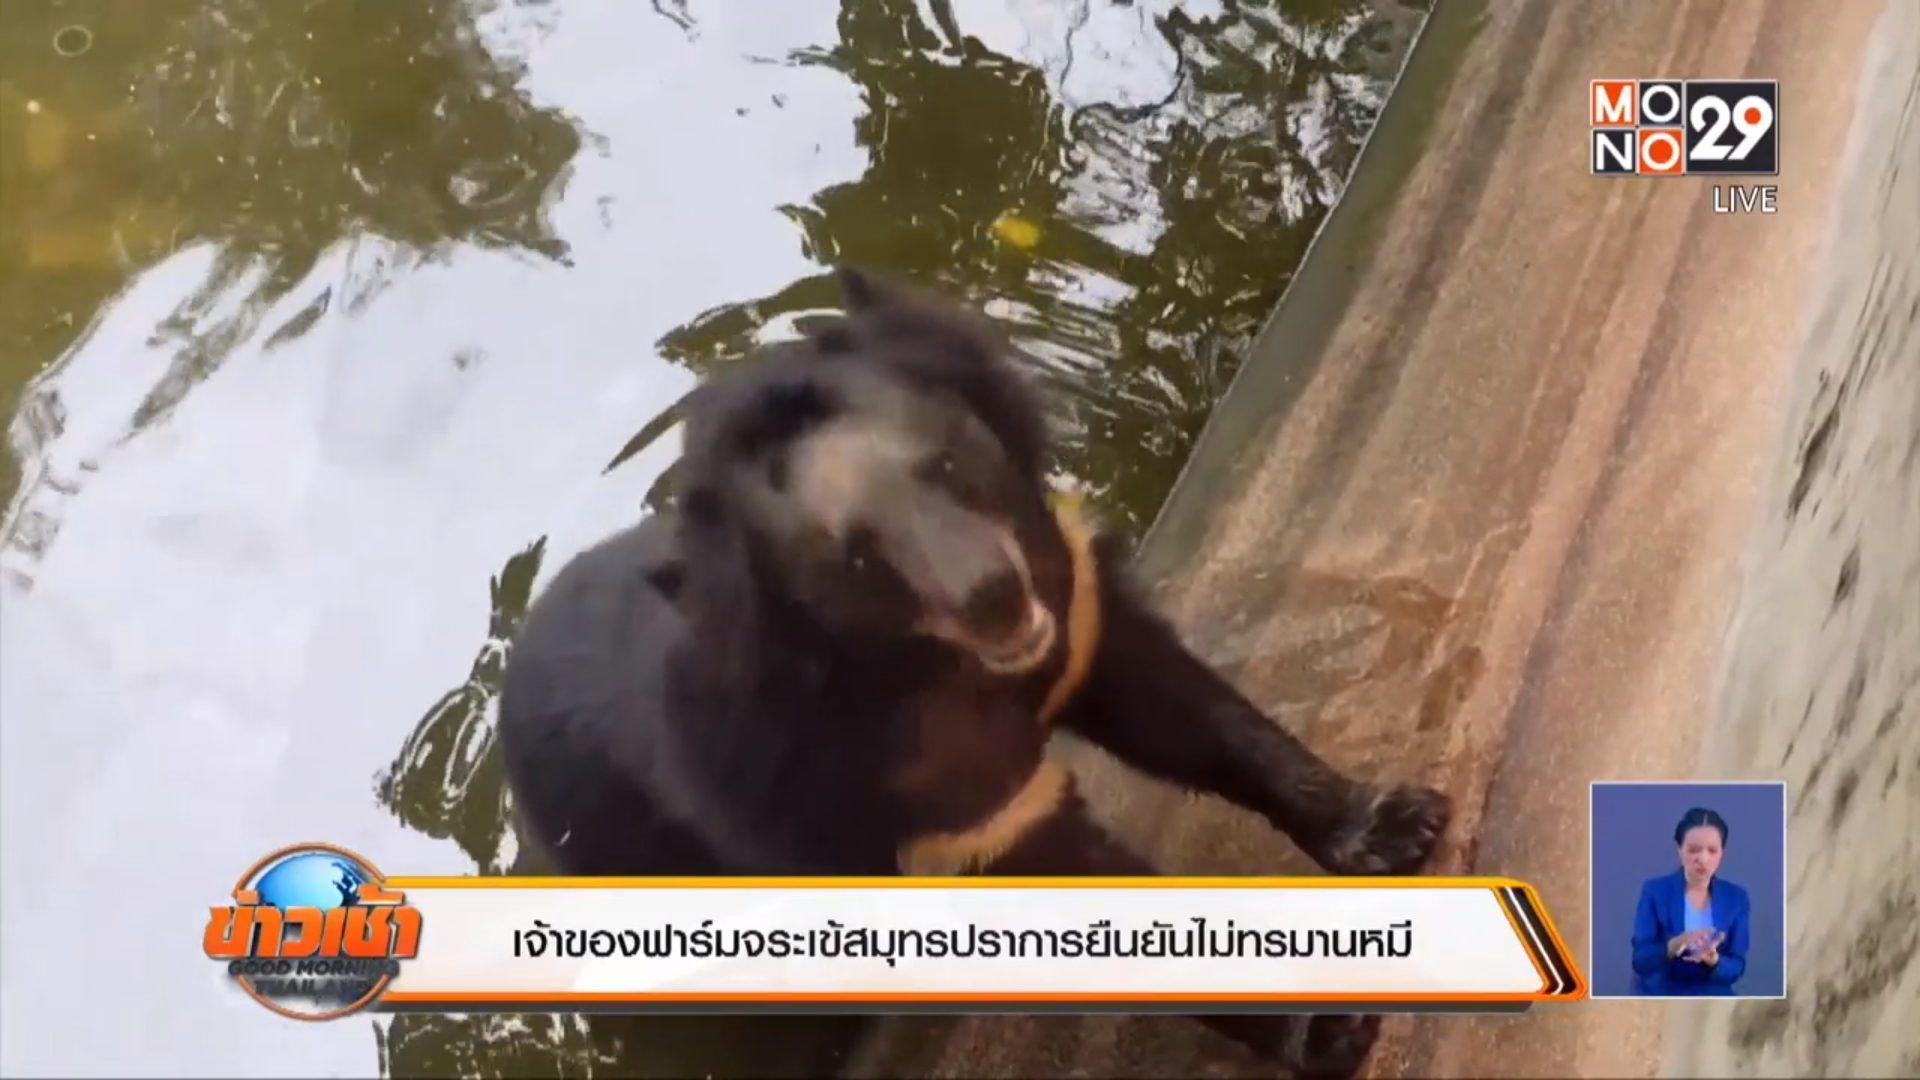 ทรมานสัตว์ ฟาร์มจระเข้ หมี